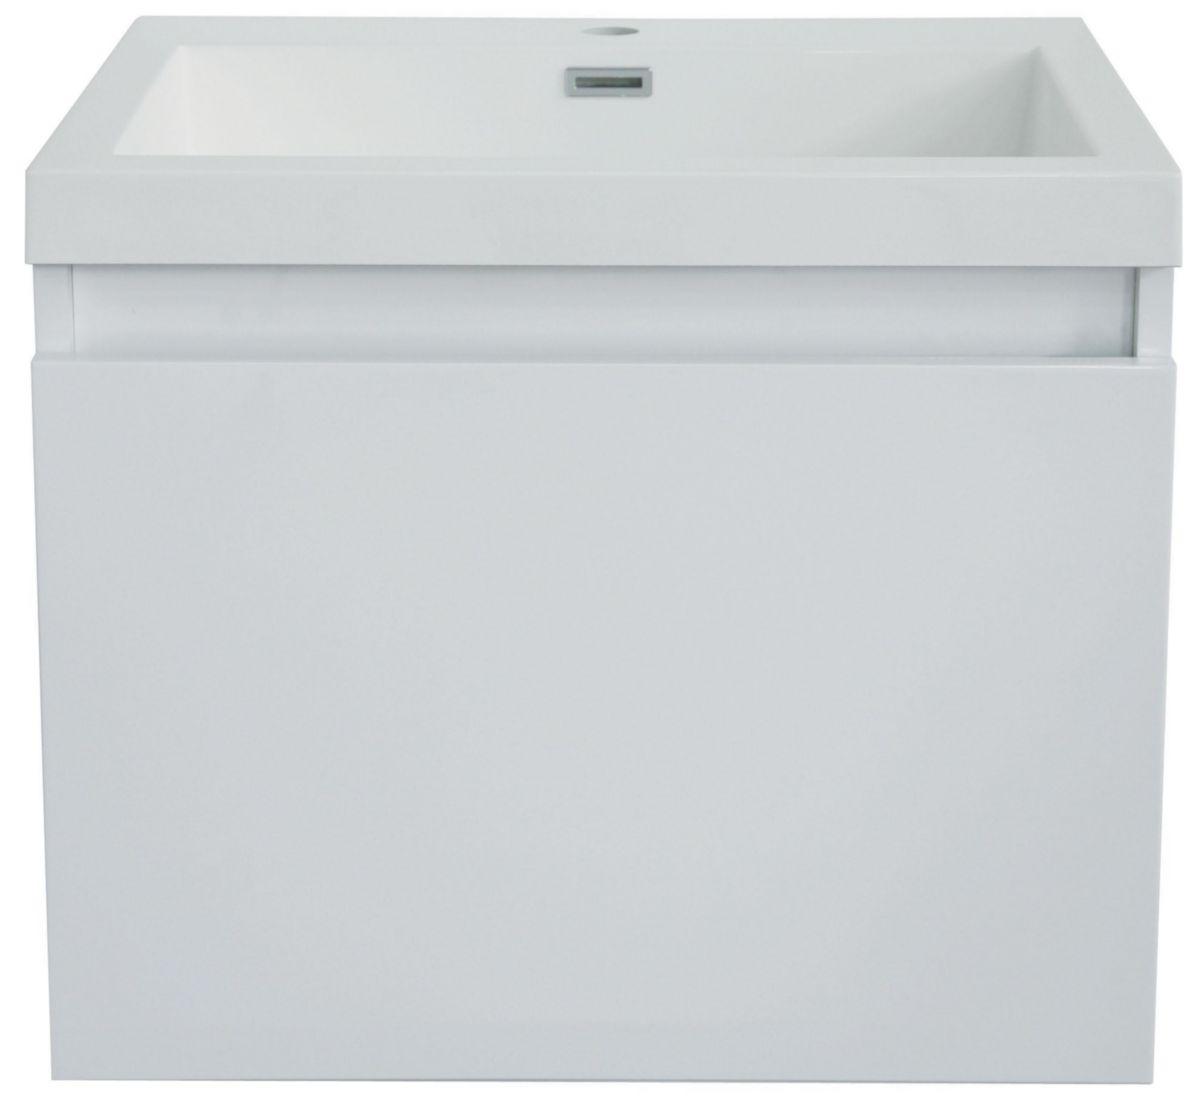 Meuble Suspendu Primeo Blanc Laque 60x45x47 Cm